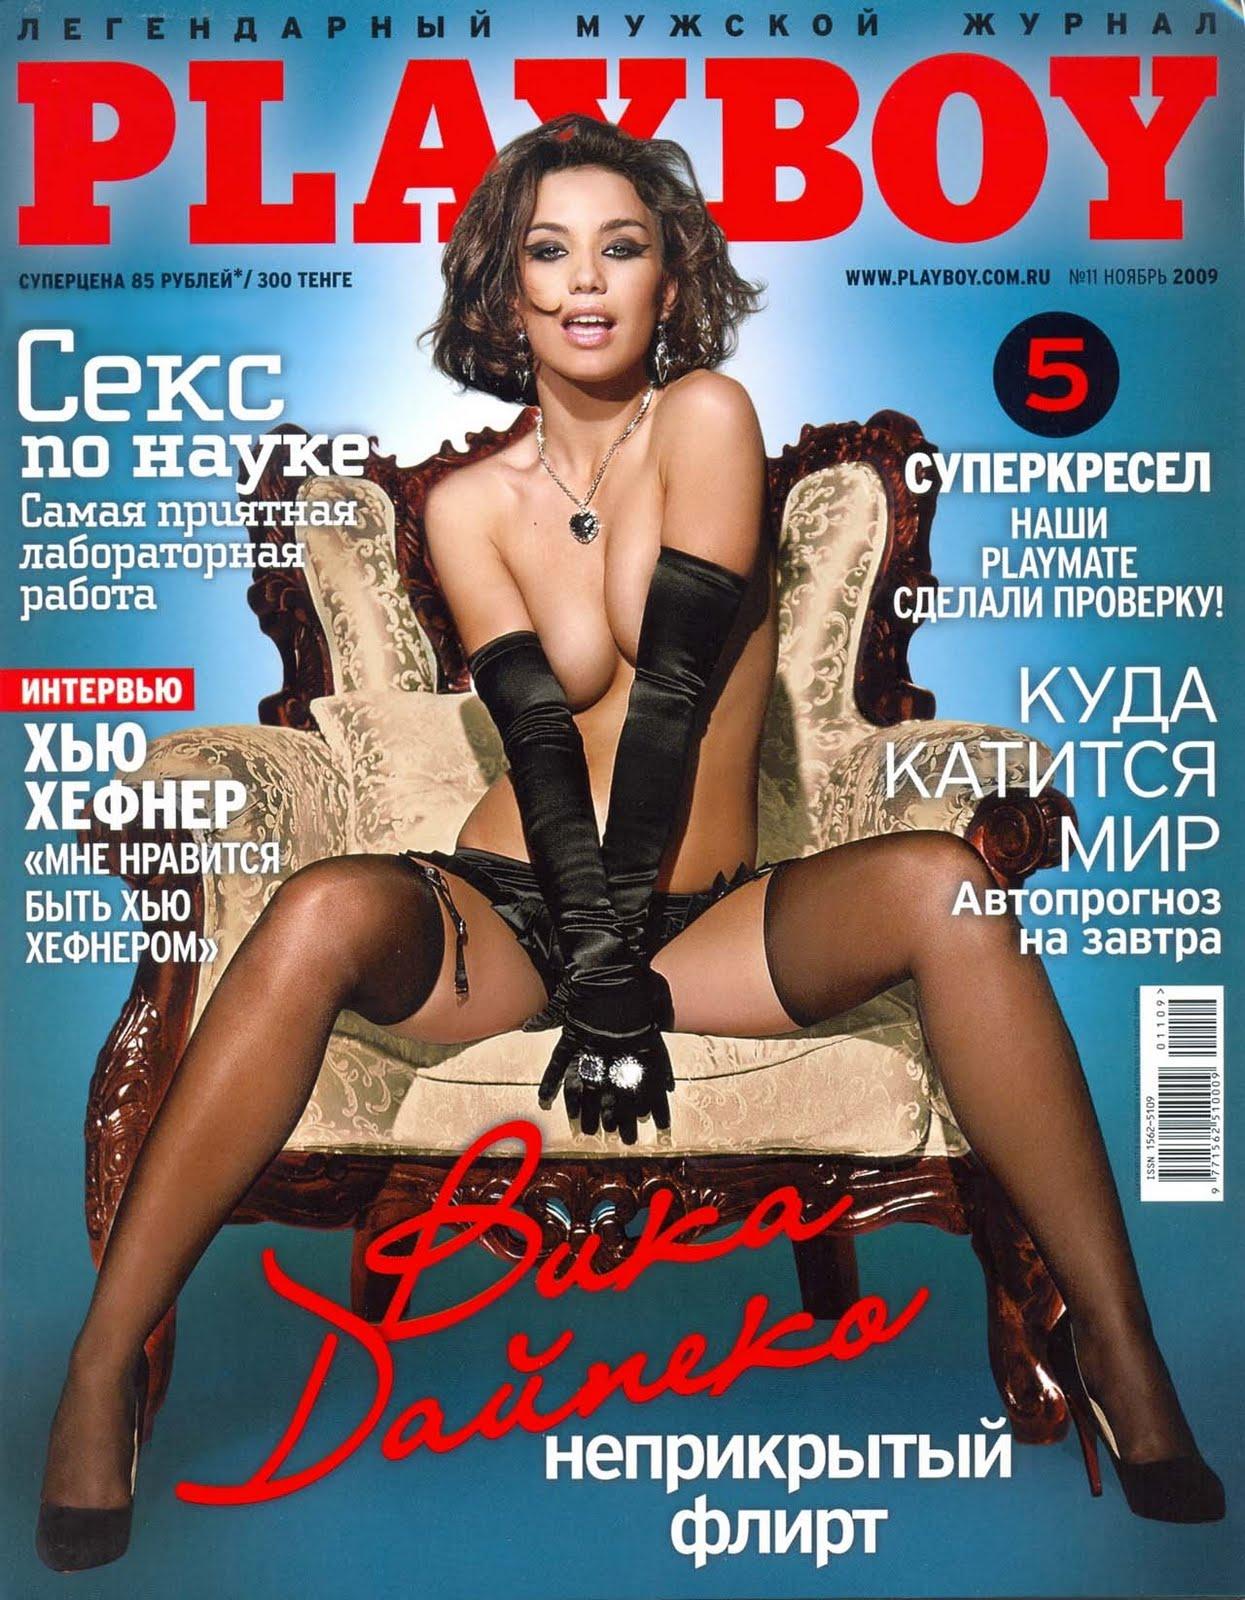 Журнал эротика фото что-то вроде